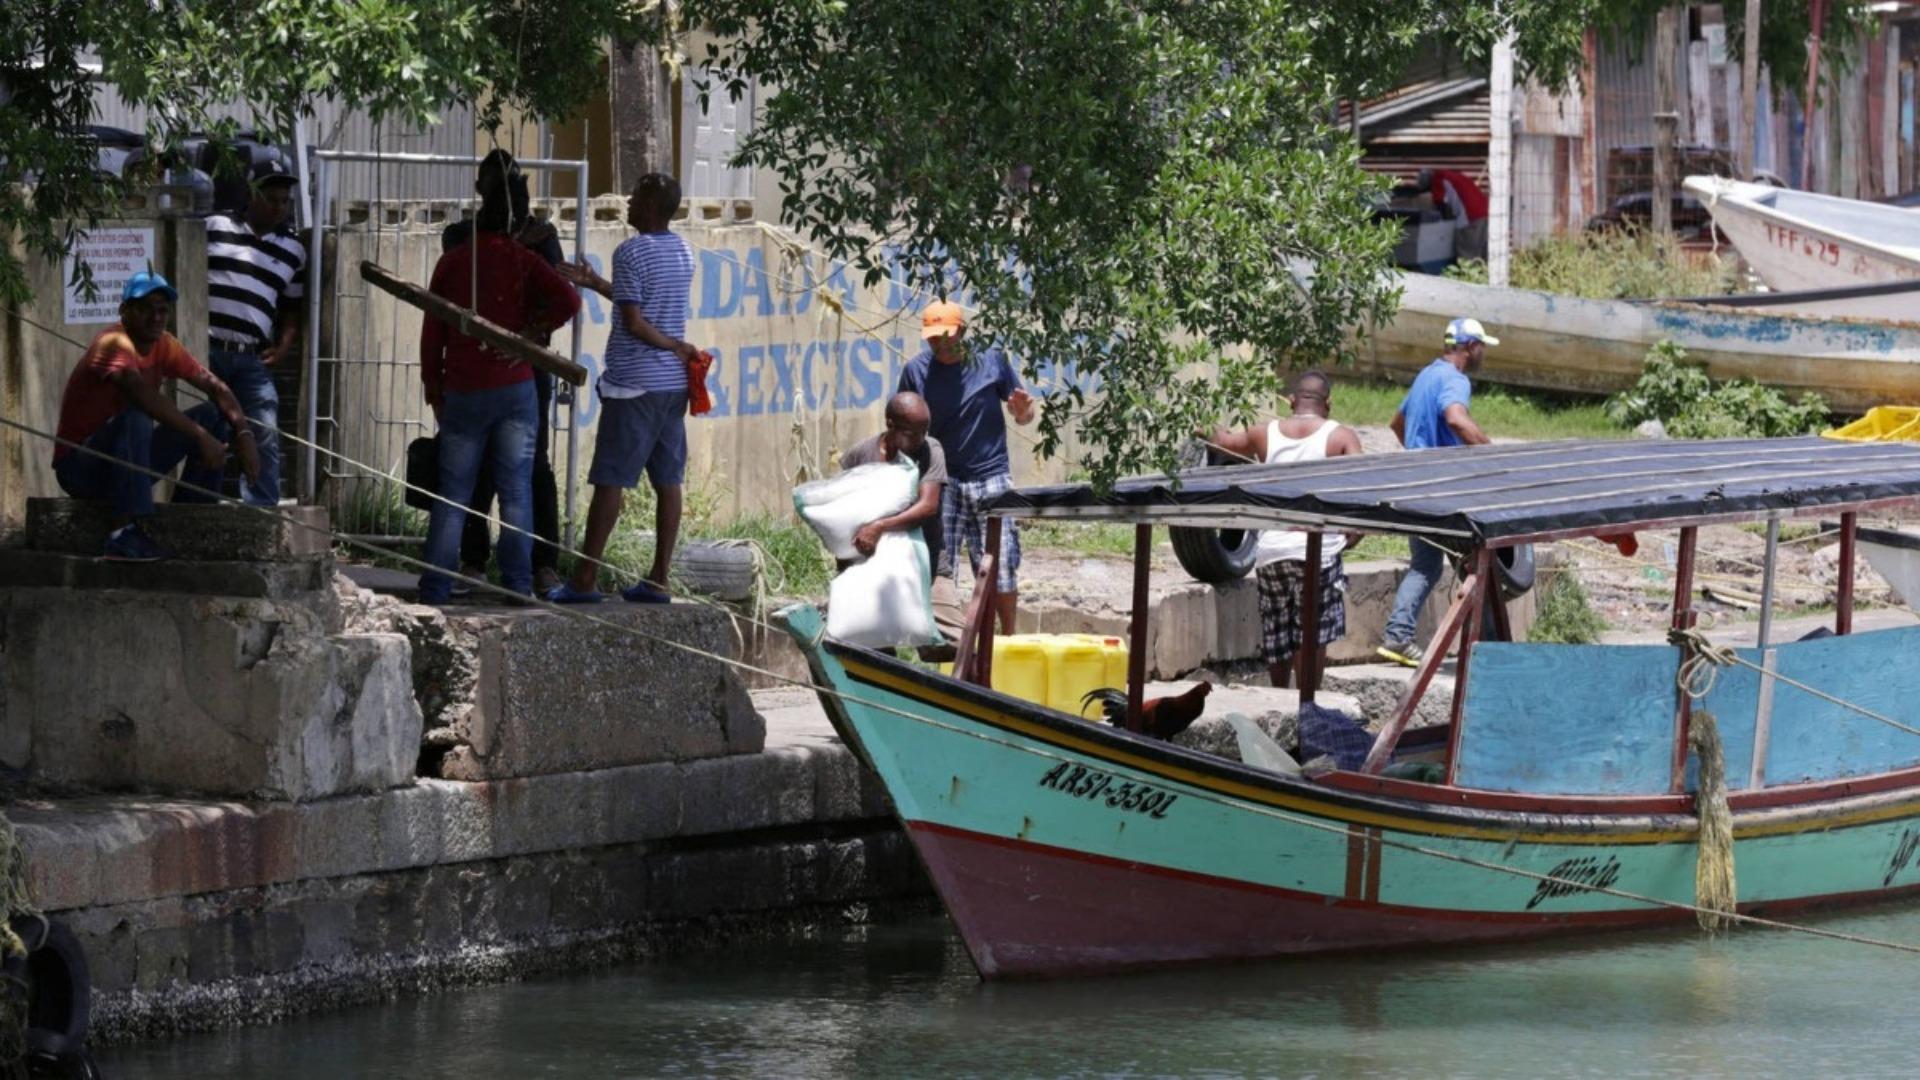 Denuncian desaparición de otra embarcación con 20 venezolanos tras ser expulsados de Trinidad